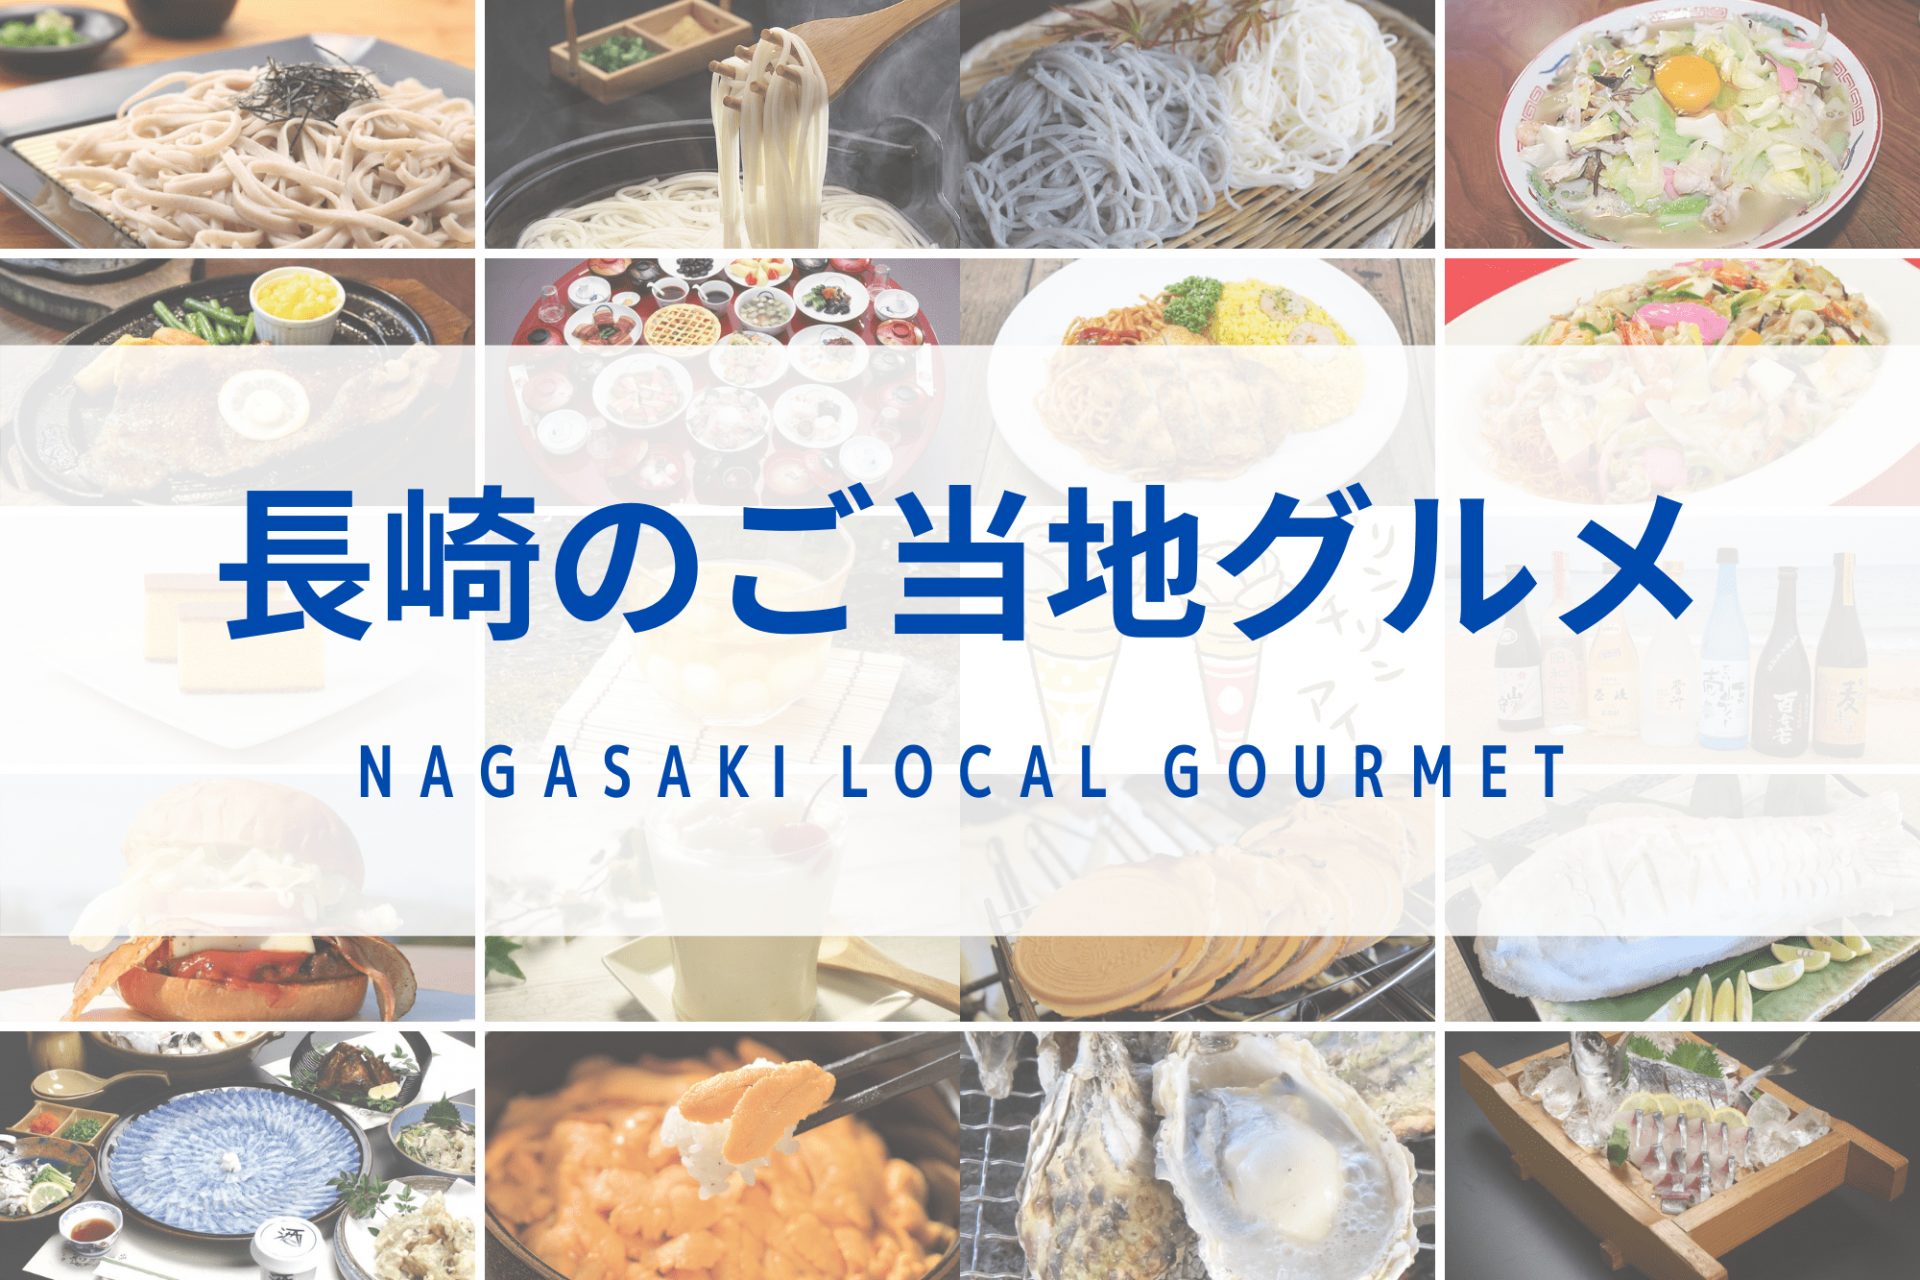 長崎 ご当地 グルメ 有名な 食べ物 おすすめ 名物 料理